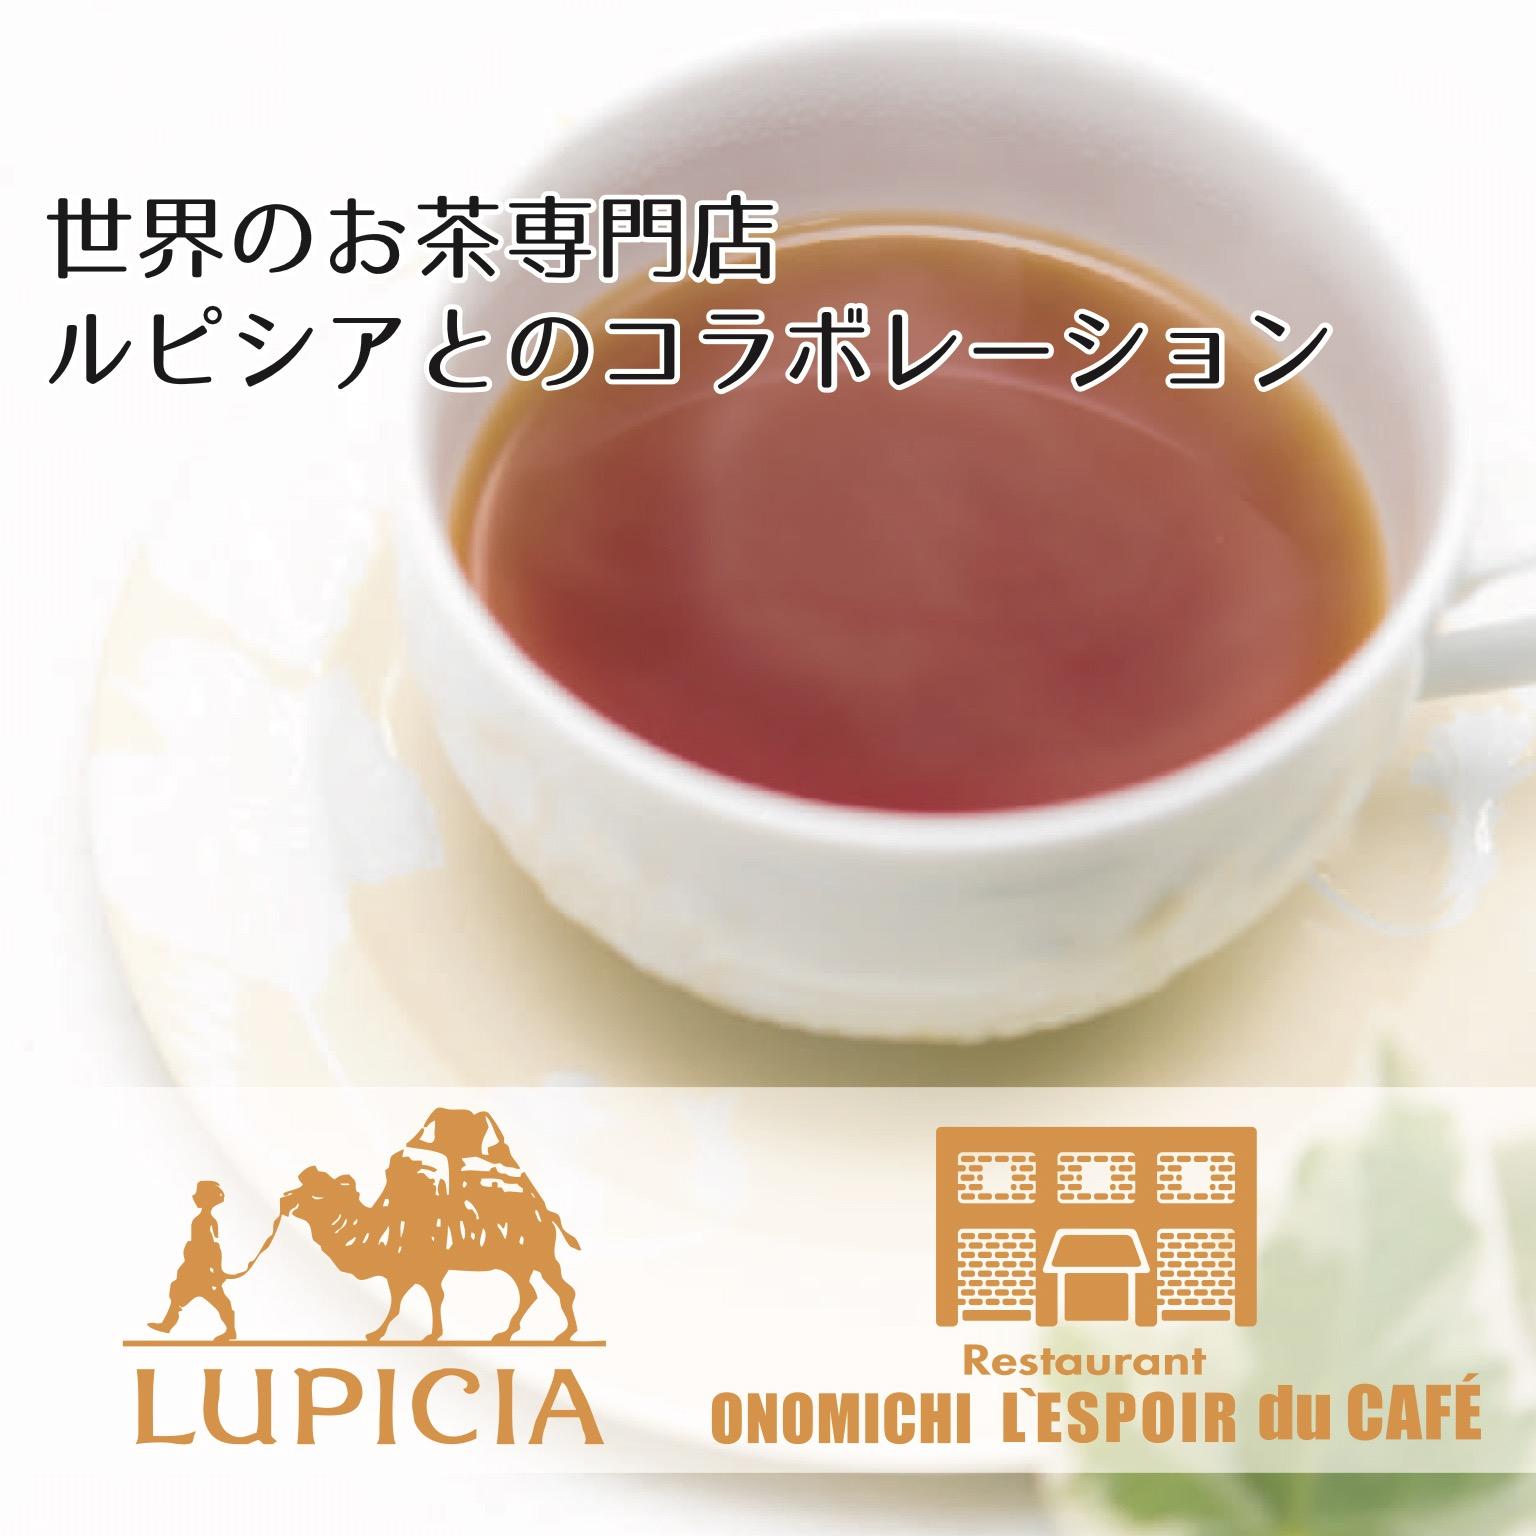 【ギフトボックス】ルピシア×レストラン尾道レスポワール ドゥ カフェ オリジナルティー(3パックセット)